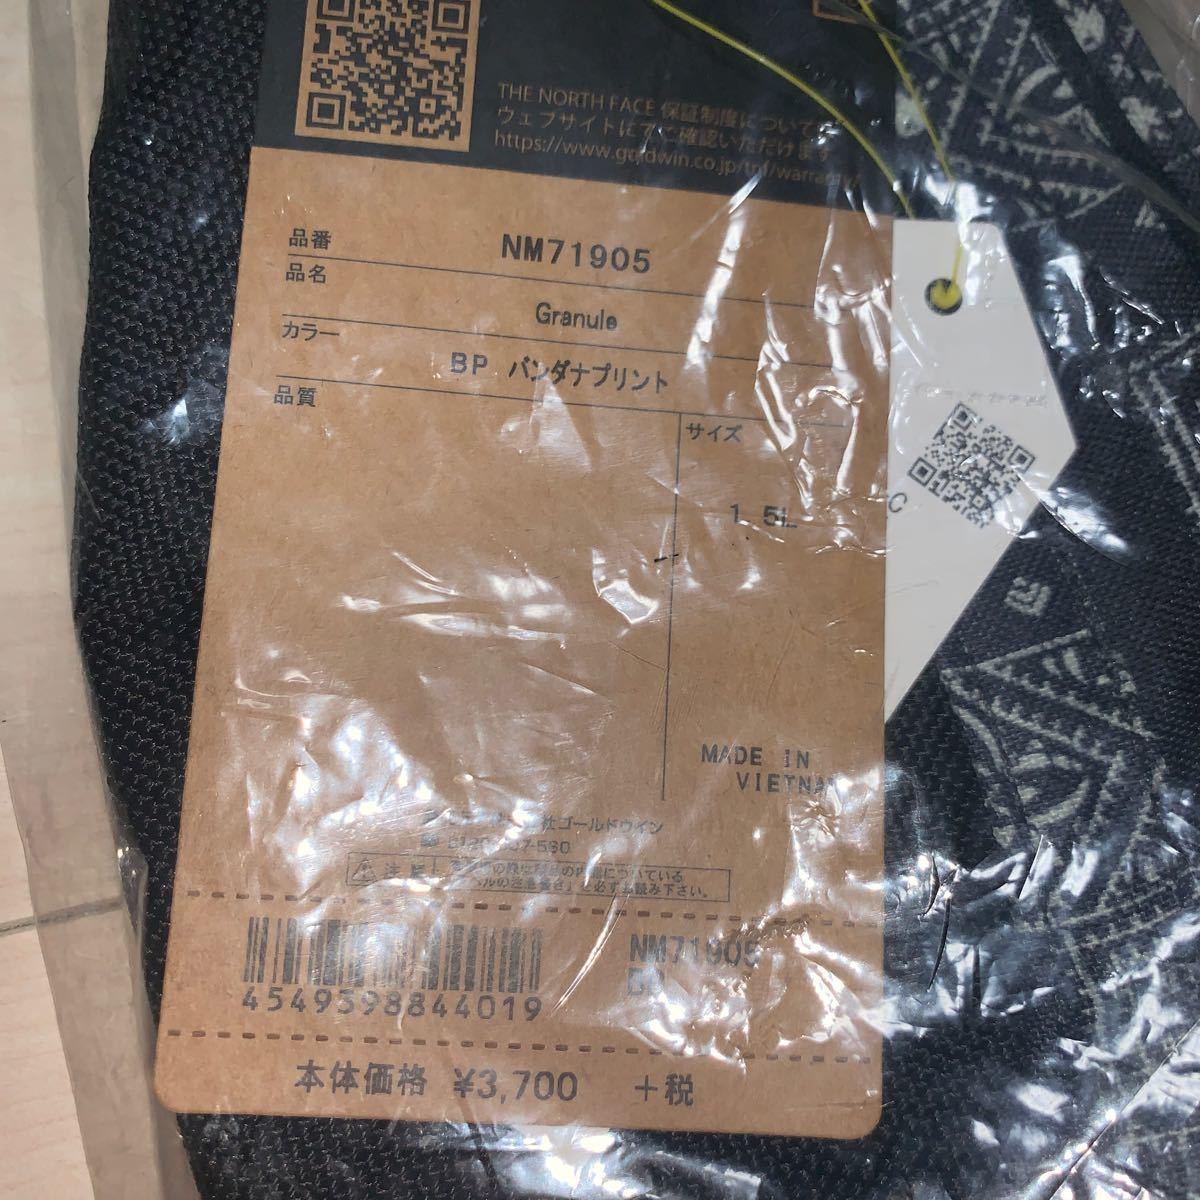 [ザ・ノースフェイス] THE NORTH FACEグラニュールバッグ/ウエストバッグ NM71905 バンダナ 新品 未使用